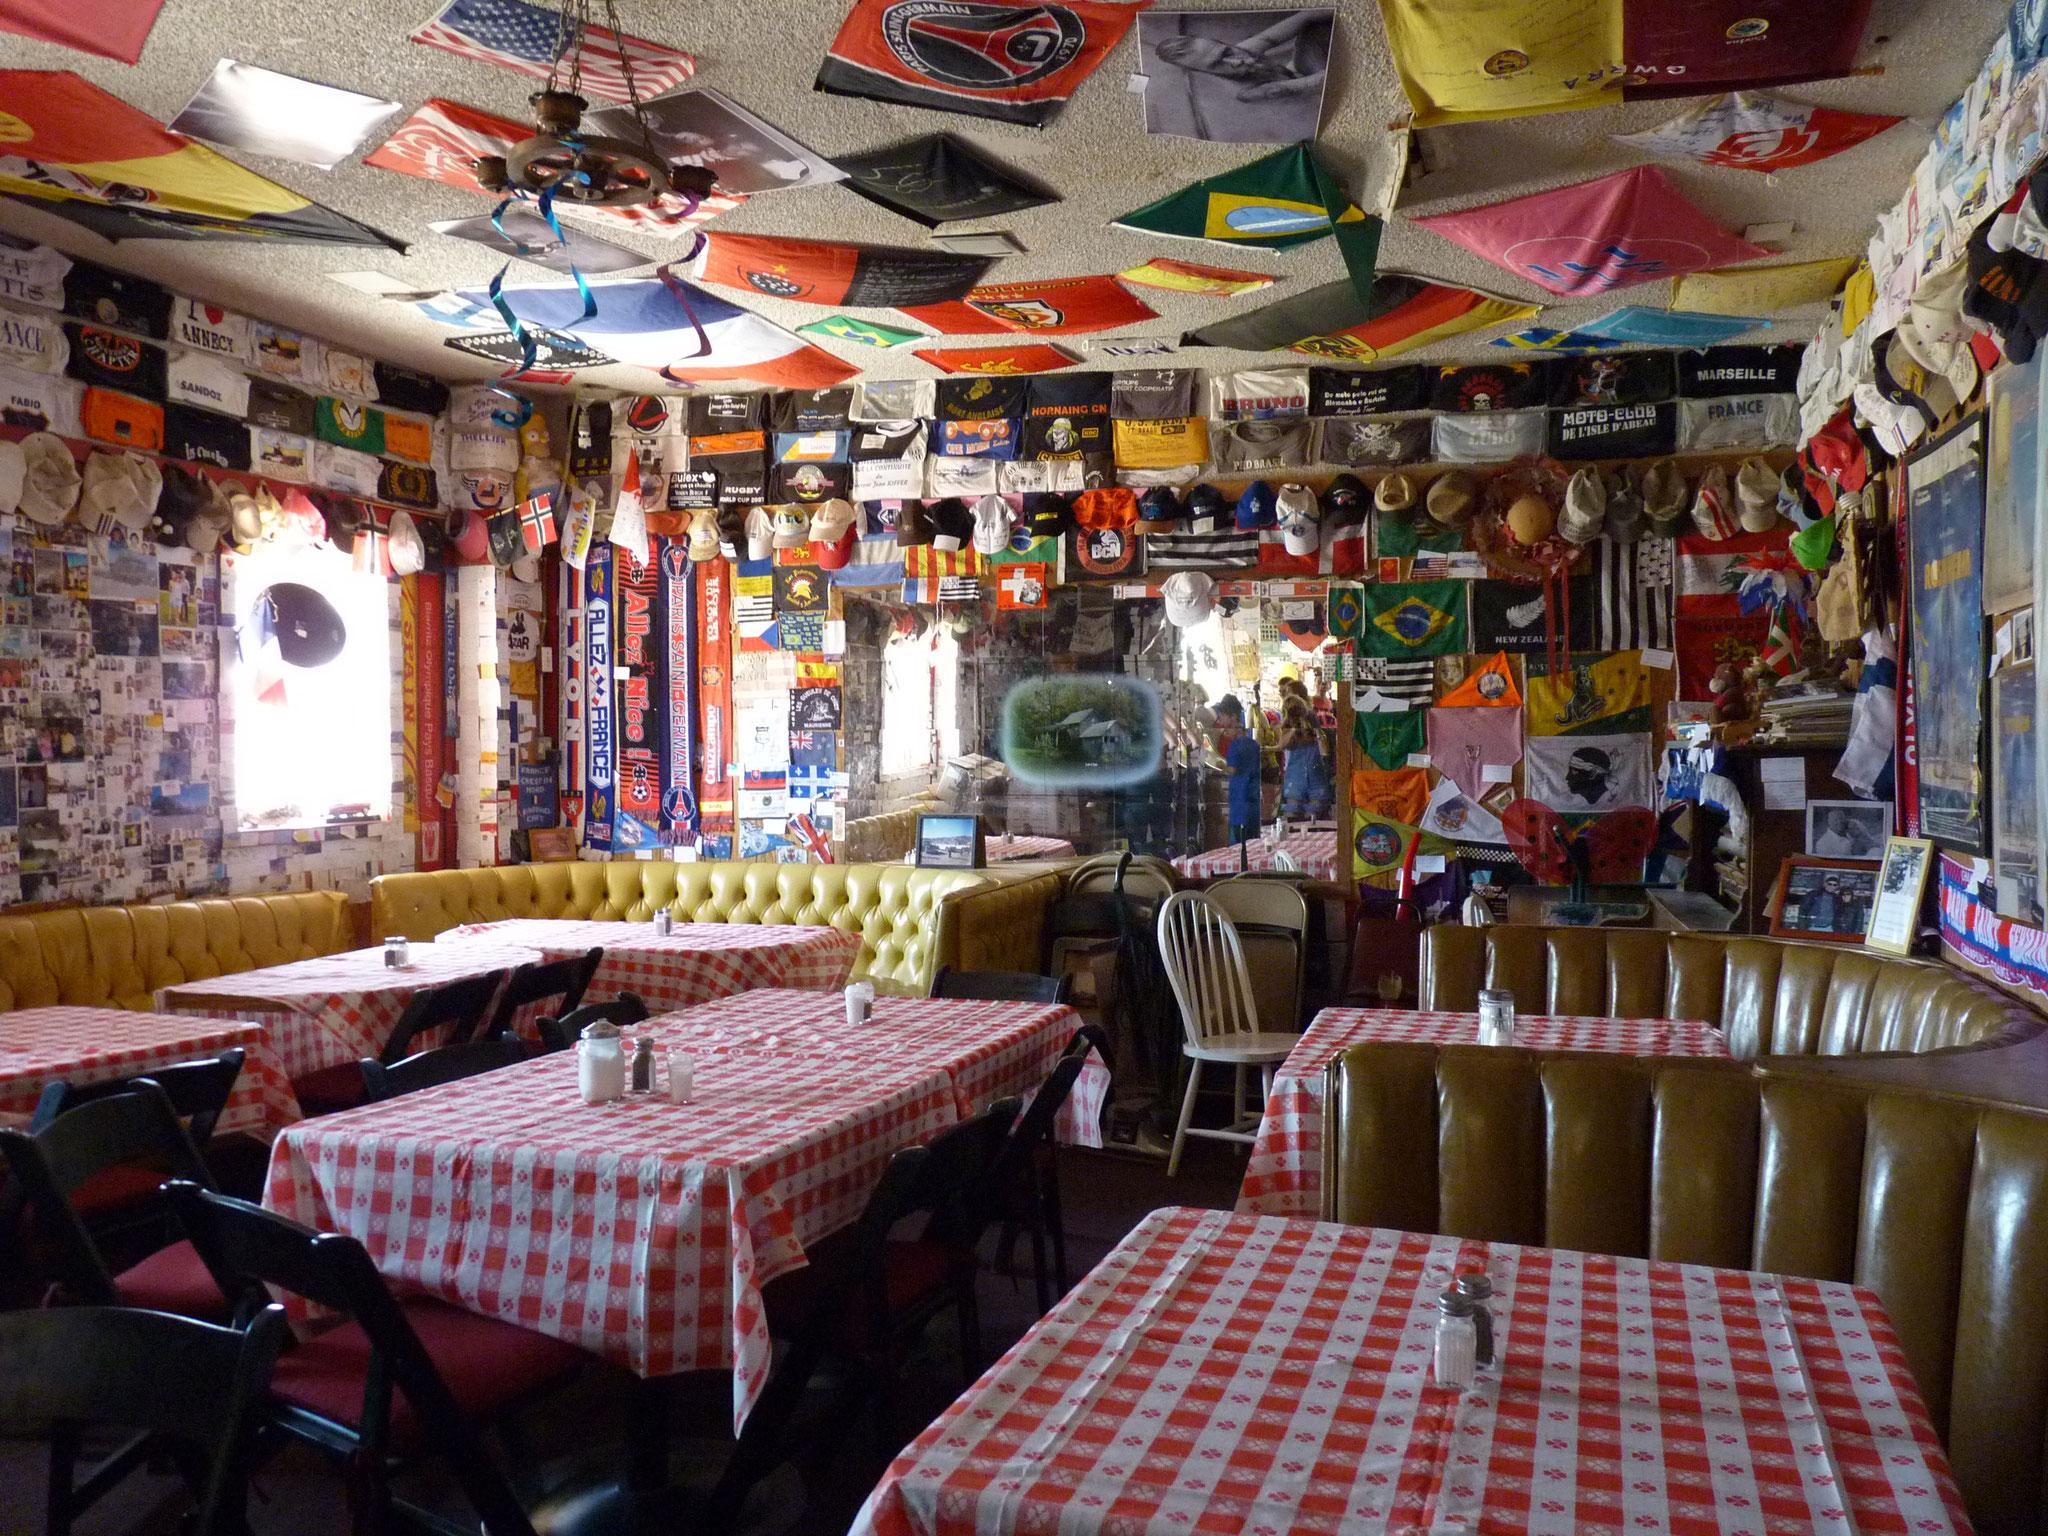 Bagdad Cafe (Newberry Springs)